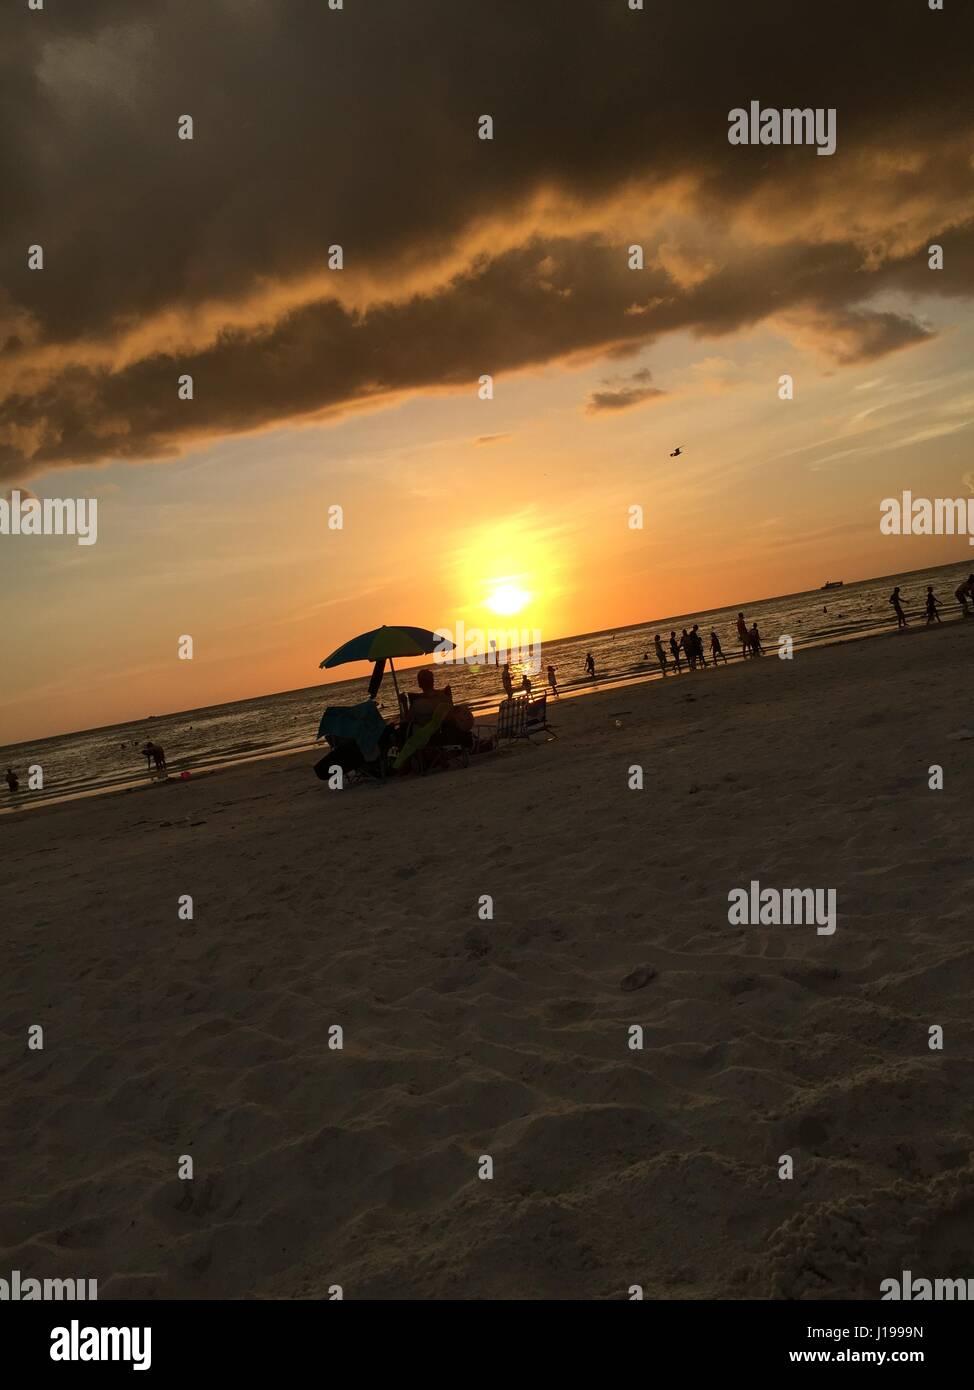 Miami evenings! - Stock Image